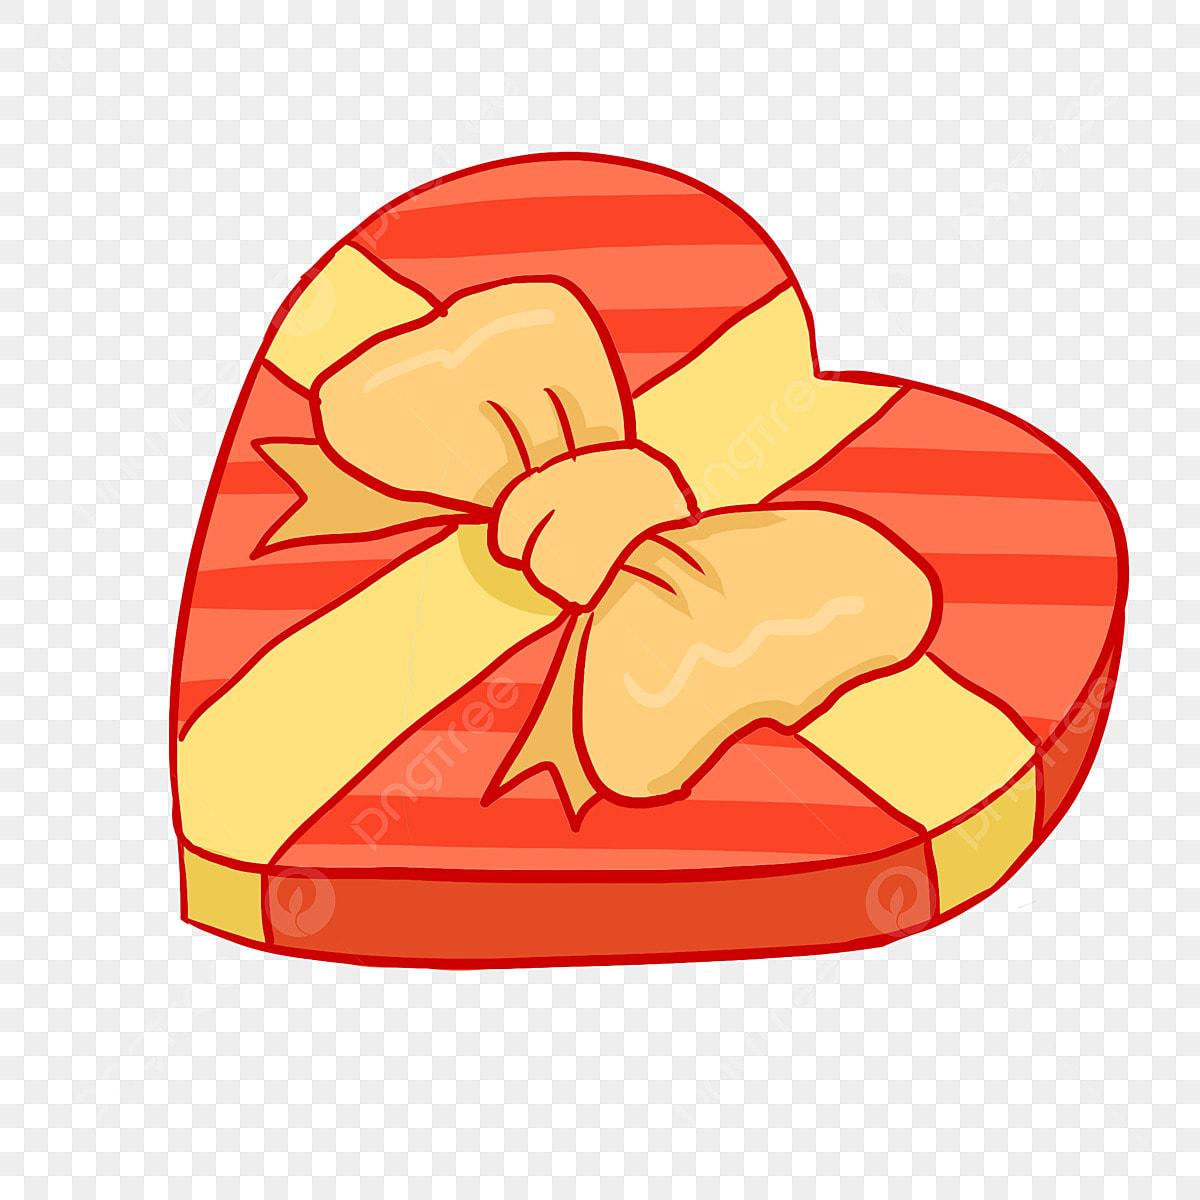 無料ダウンロードのためのプレゼント箱に飛んだハートの画像 プレゼント